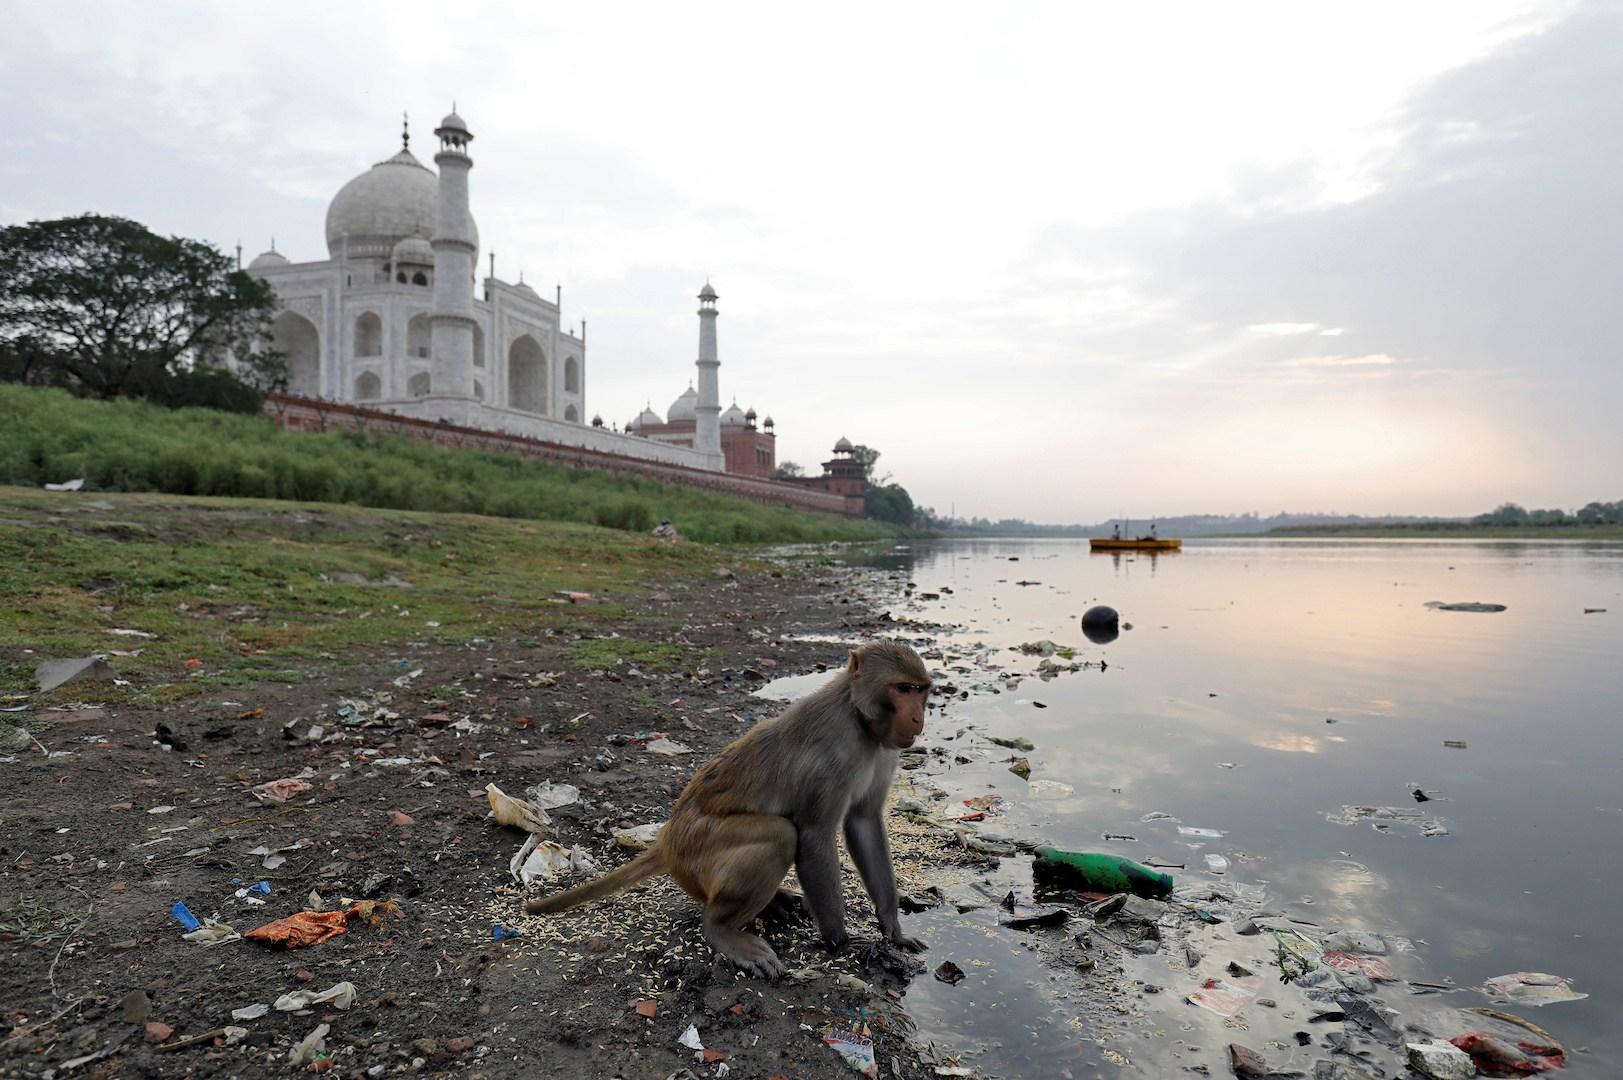 Грязь с реки Джамна оседает зеленым налетом на пористой каменной кладке Тадж-Махала